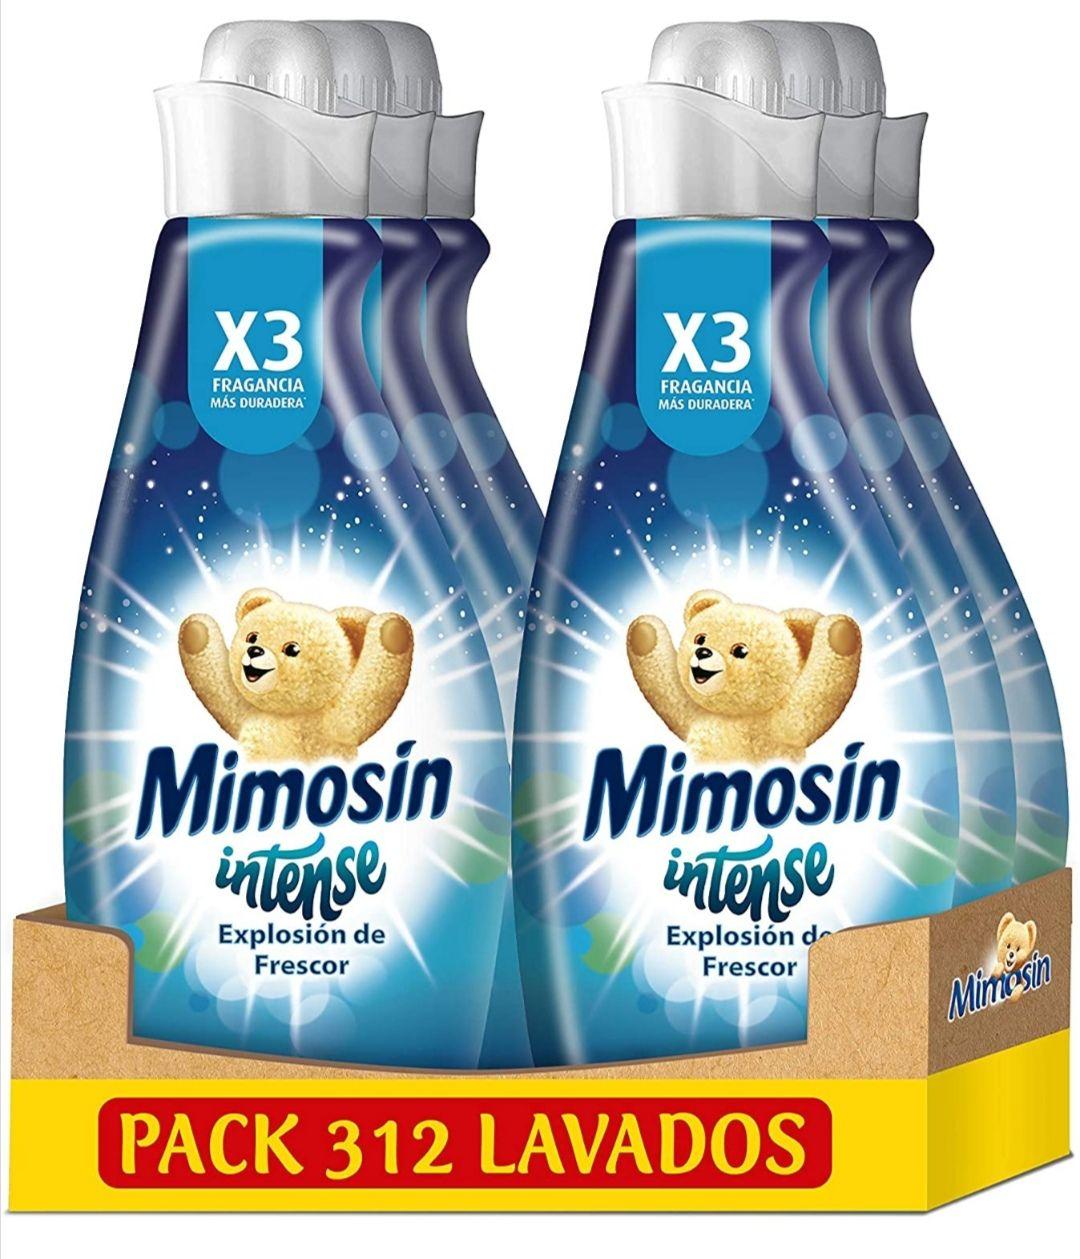 Mimosin intense suavizante pack de 6 - 312 lavados